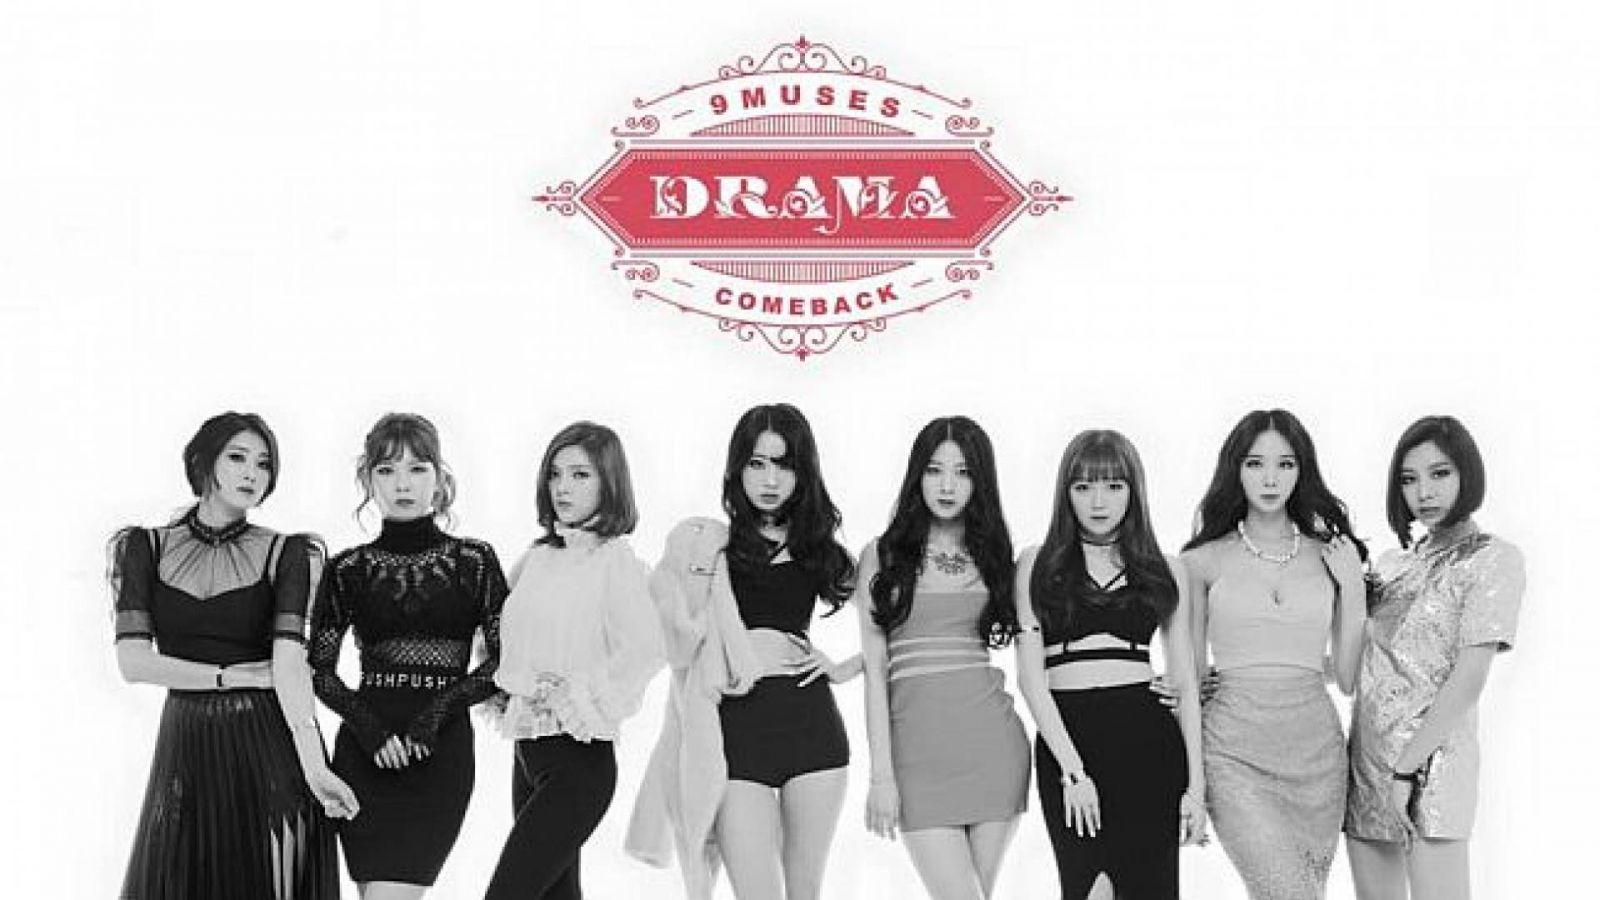 9MUSES faz comeback com nova formação © 9MUSES Official Facebook Page